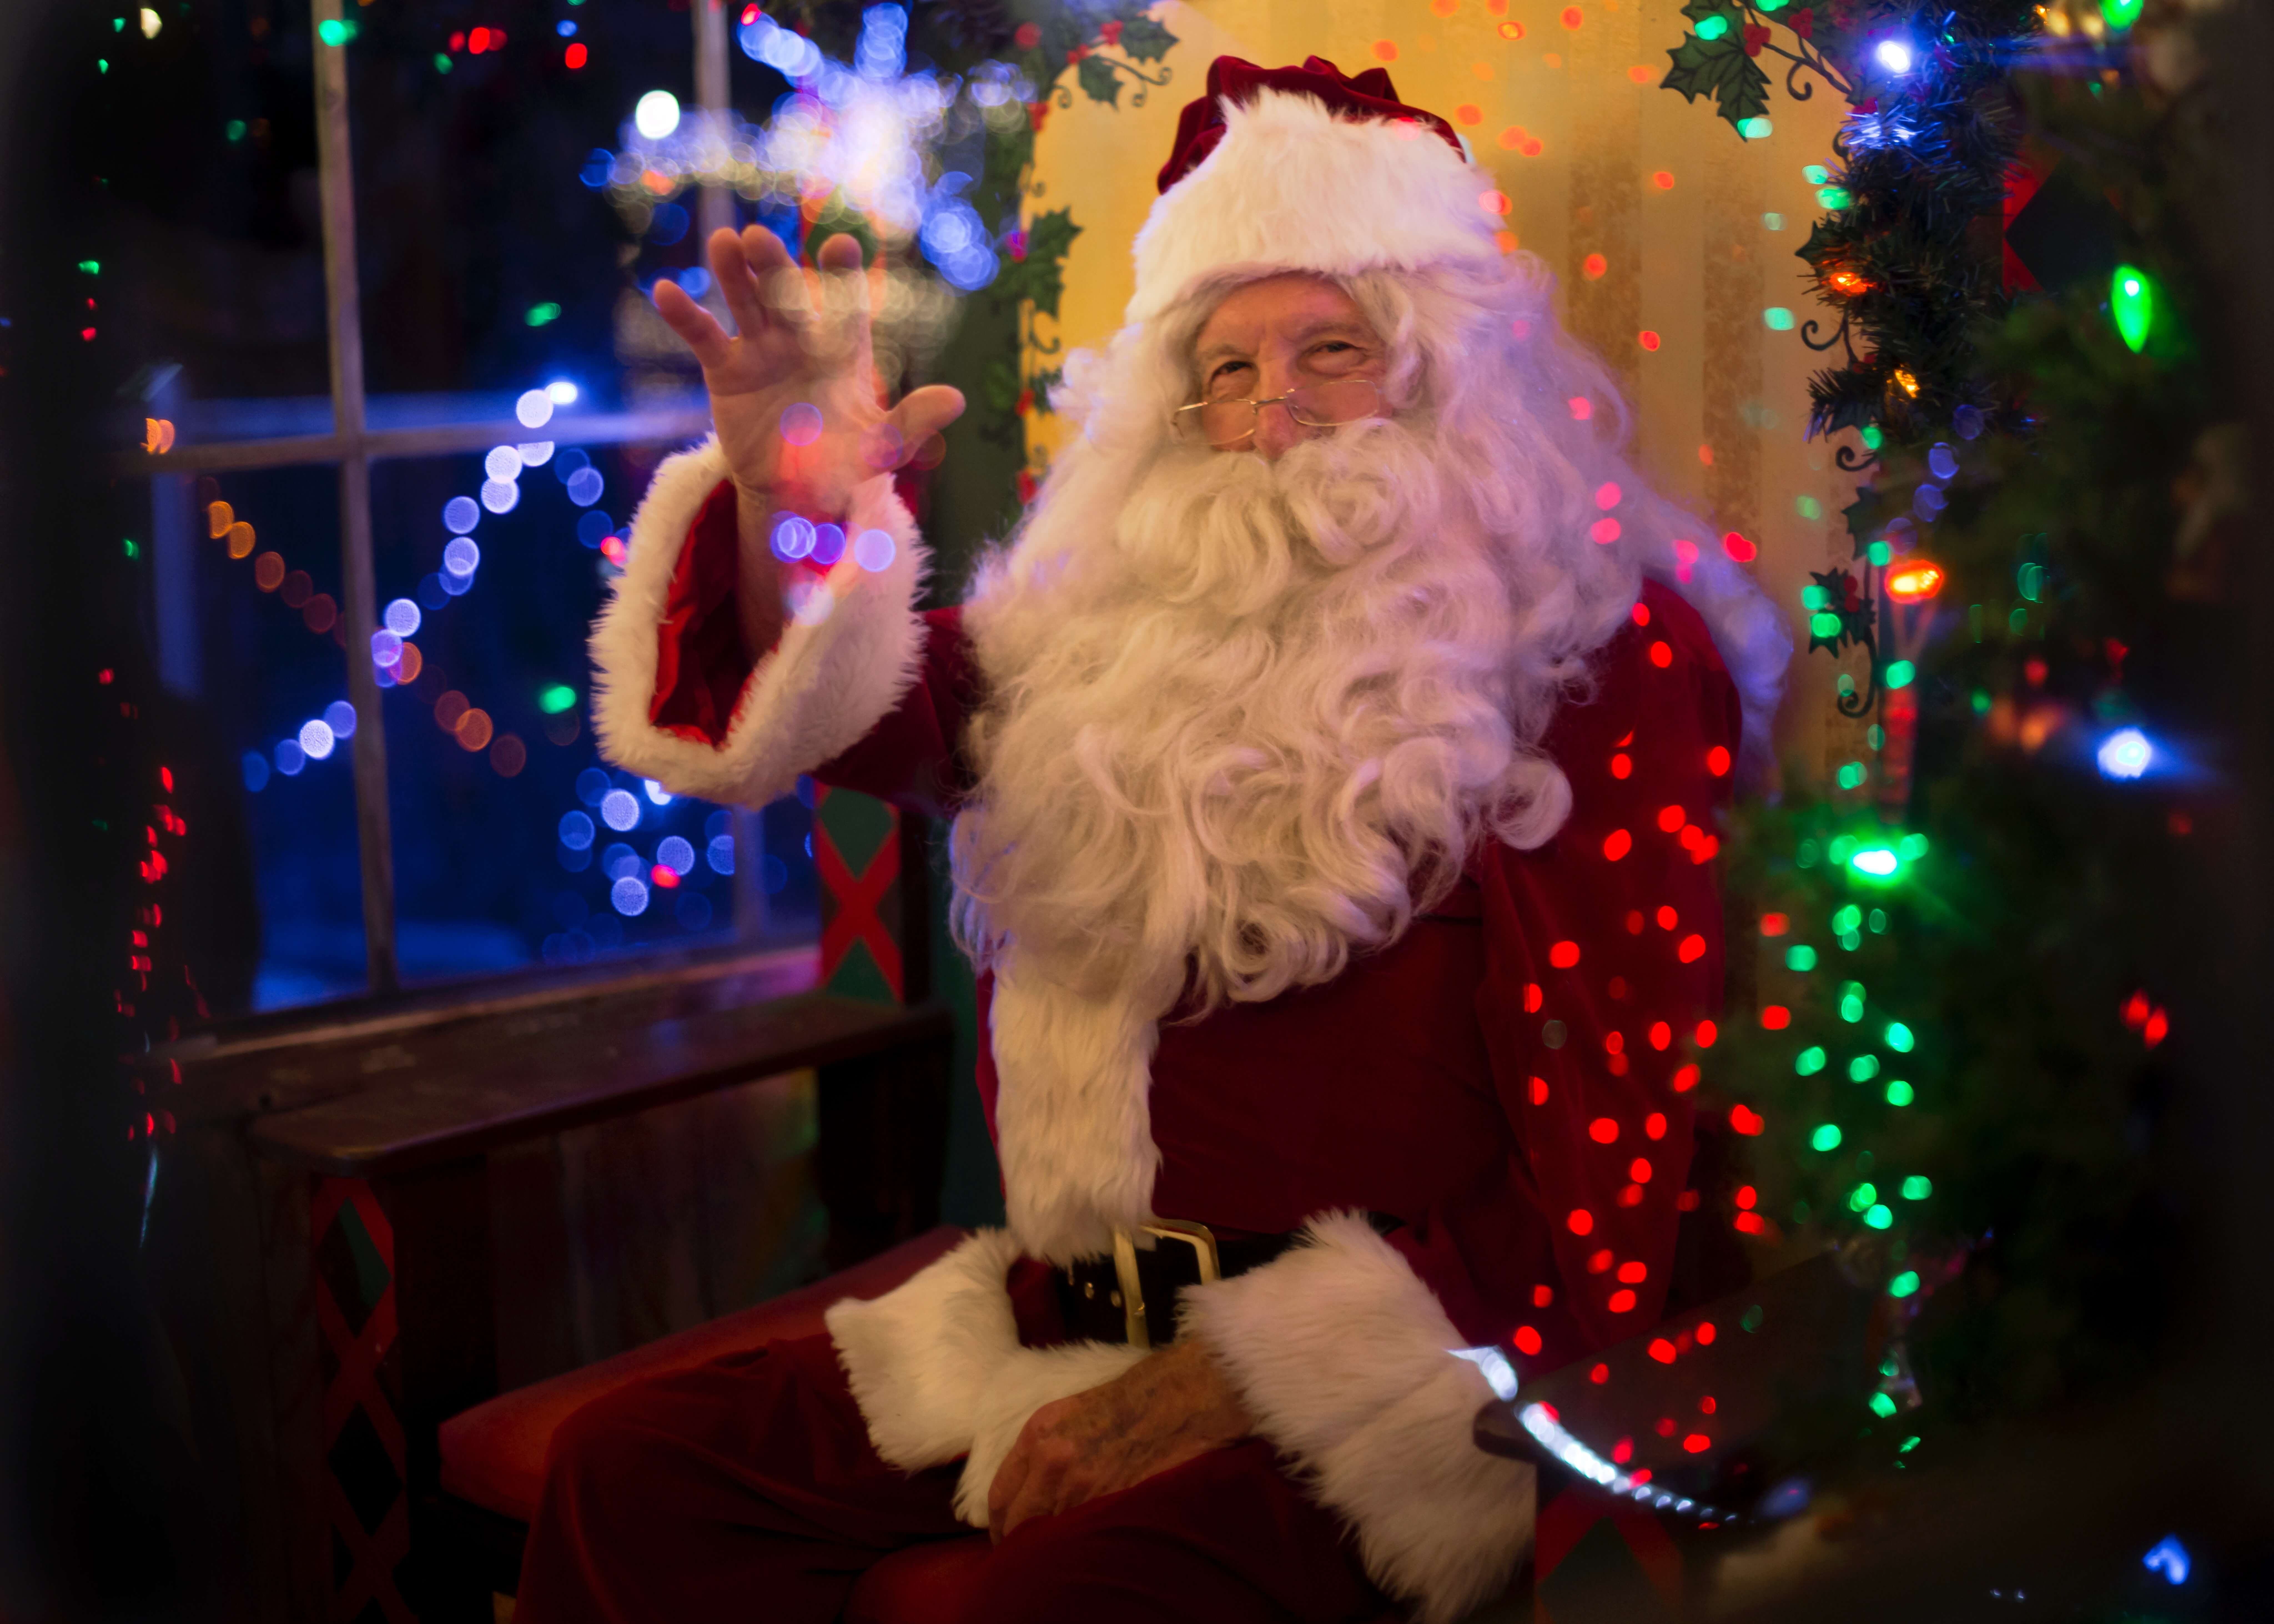 Come E Nata La Leggenda Di Babbo Natale.Qual E La Storia Di Babbo Natale Blog Di Fiori E Notizie